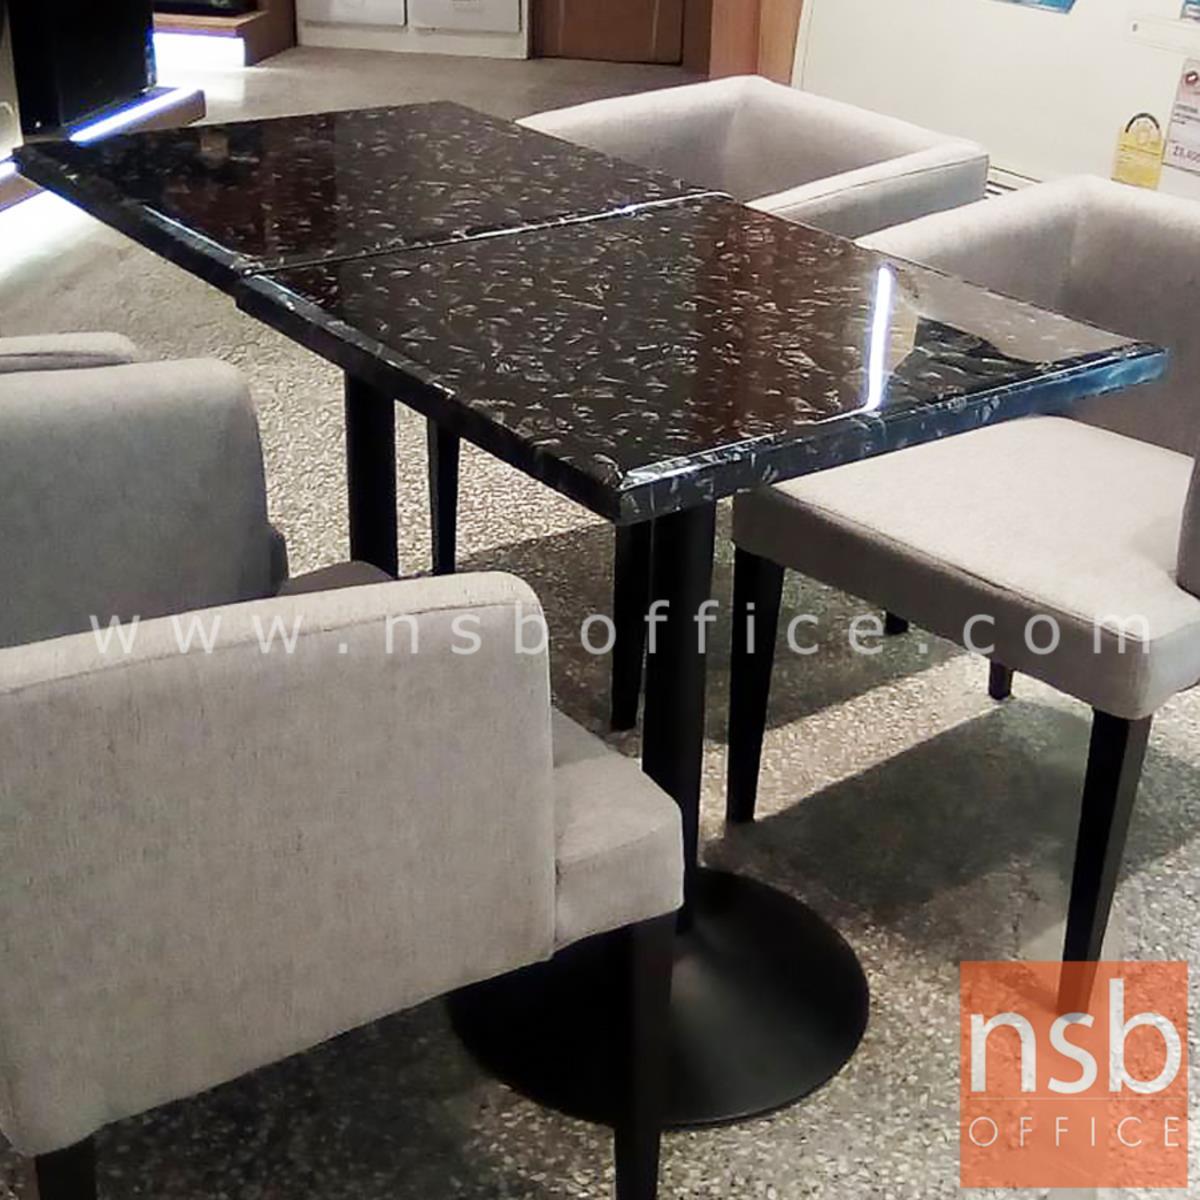 โต๊ะหน้าหินอ่อน รุ่น Beckinsale (เบ็กคินเซล) ขนาด 60W ,60Di cm.  โครงเหล็กเคลือบสีดำ